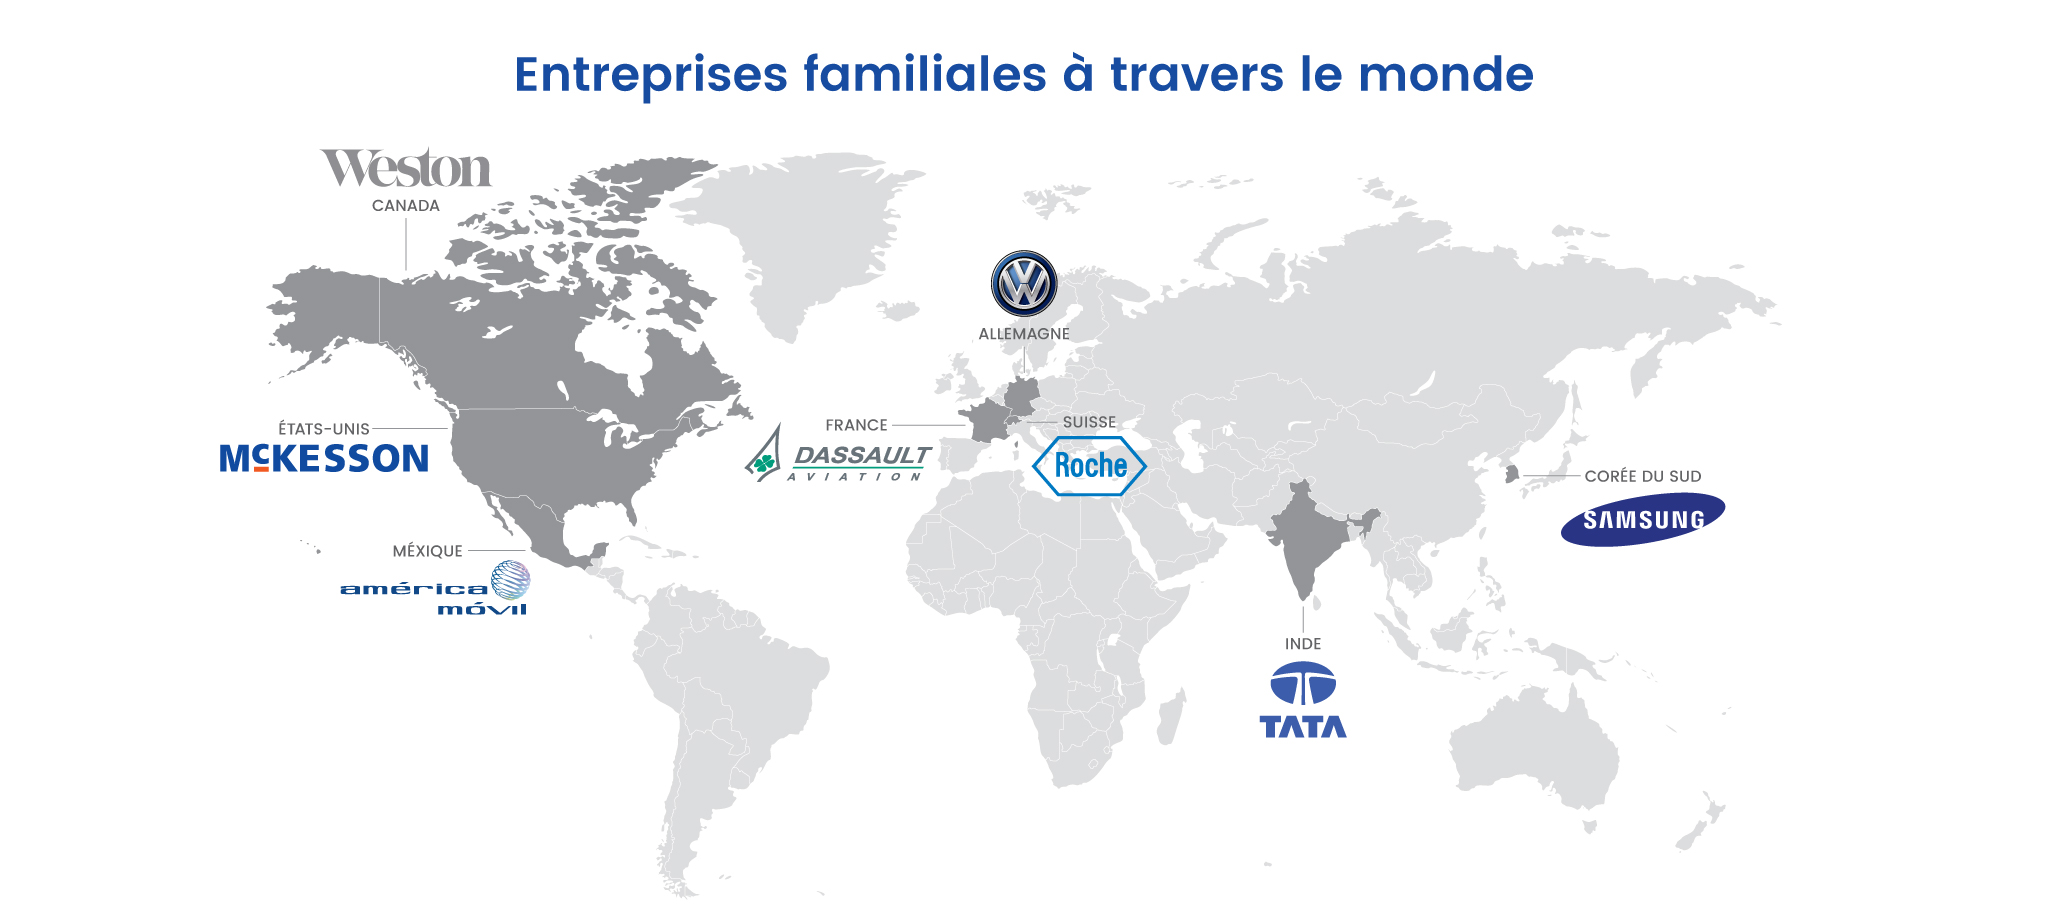 Logos Map Image